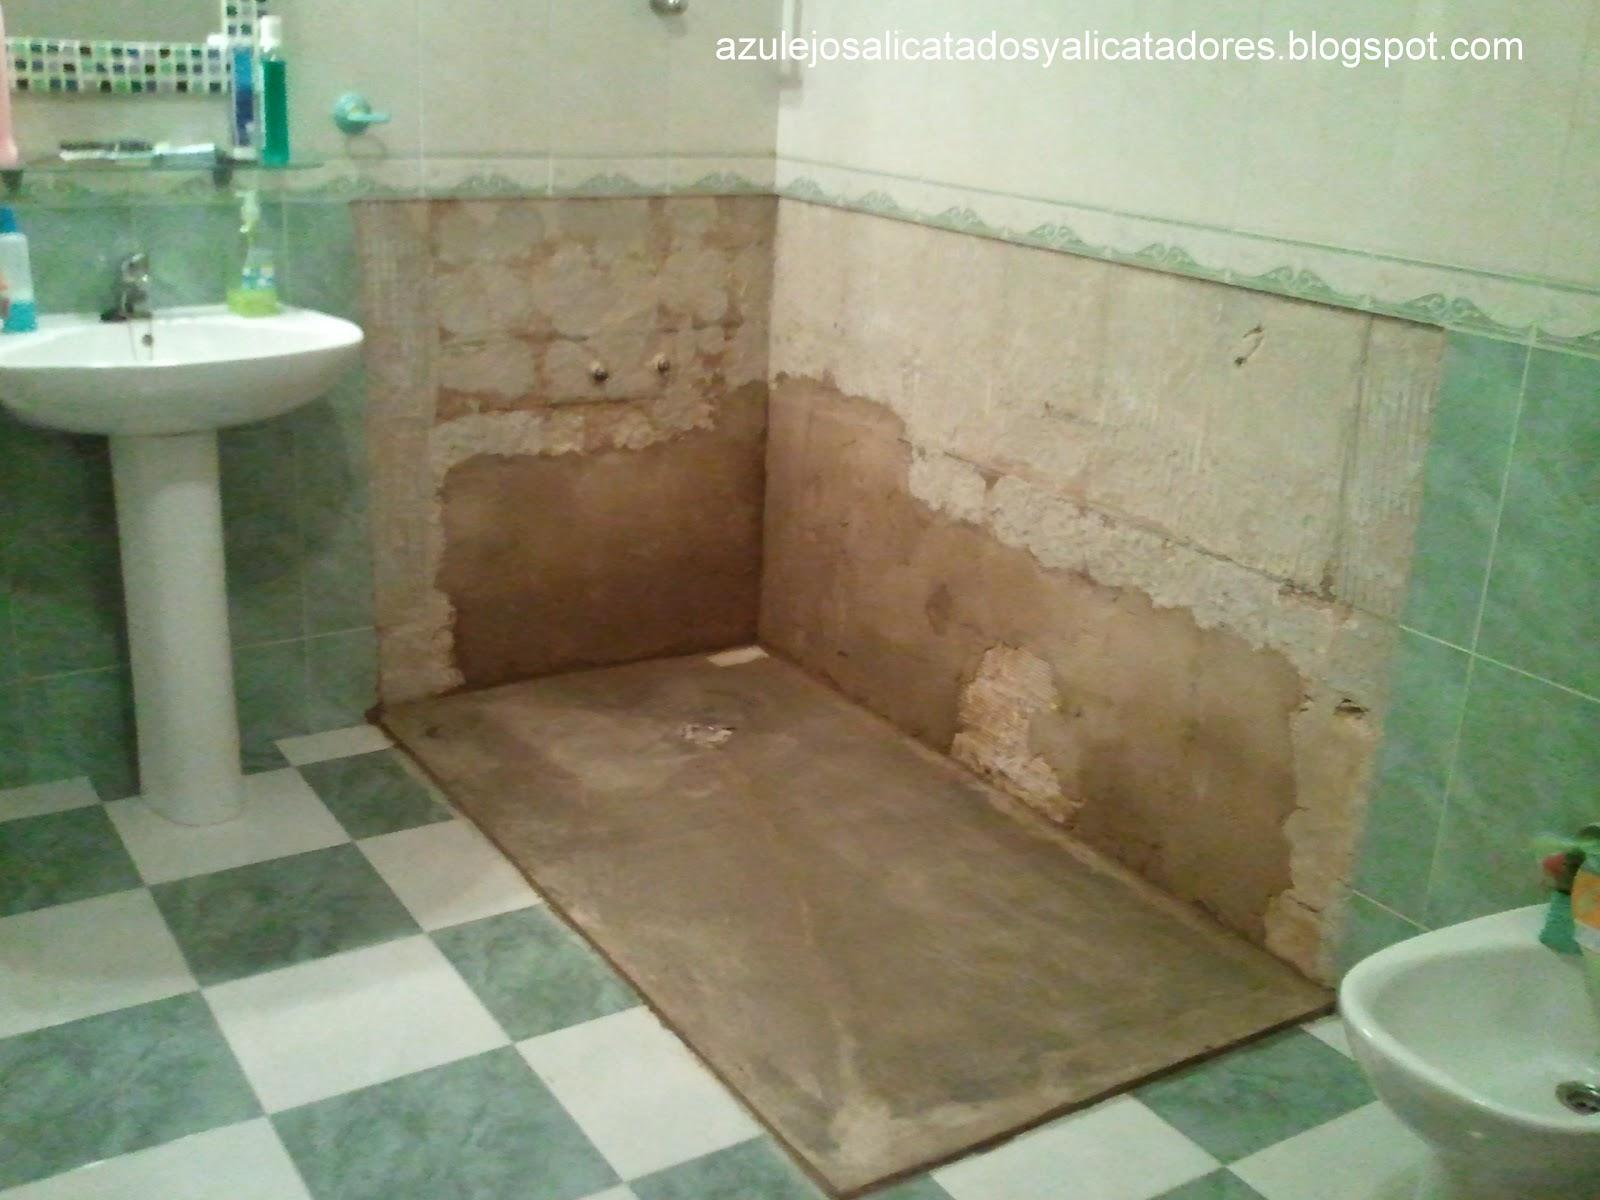 Azulejos alicatados y alicatadores ducha adaptada a - Azulejos para duchas ...